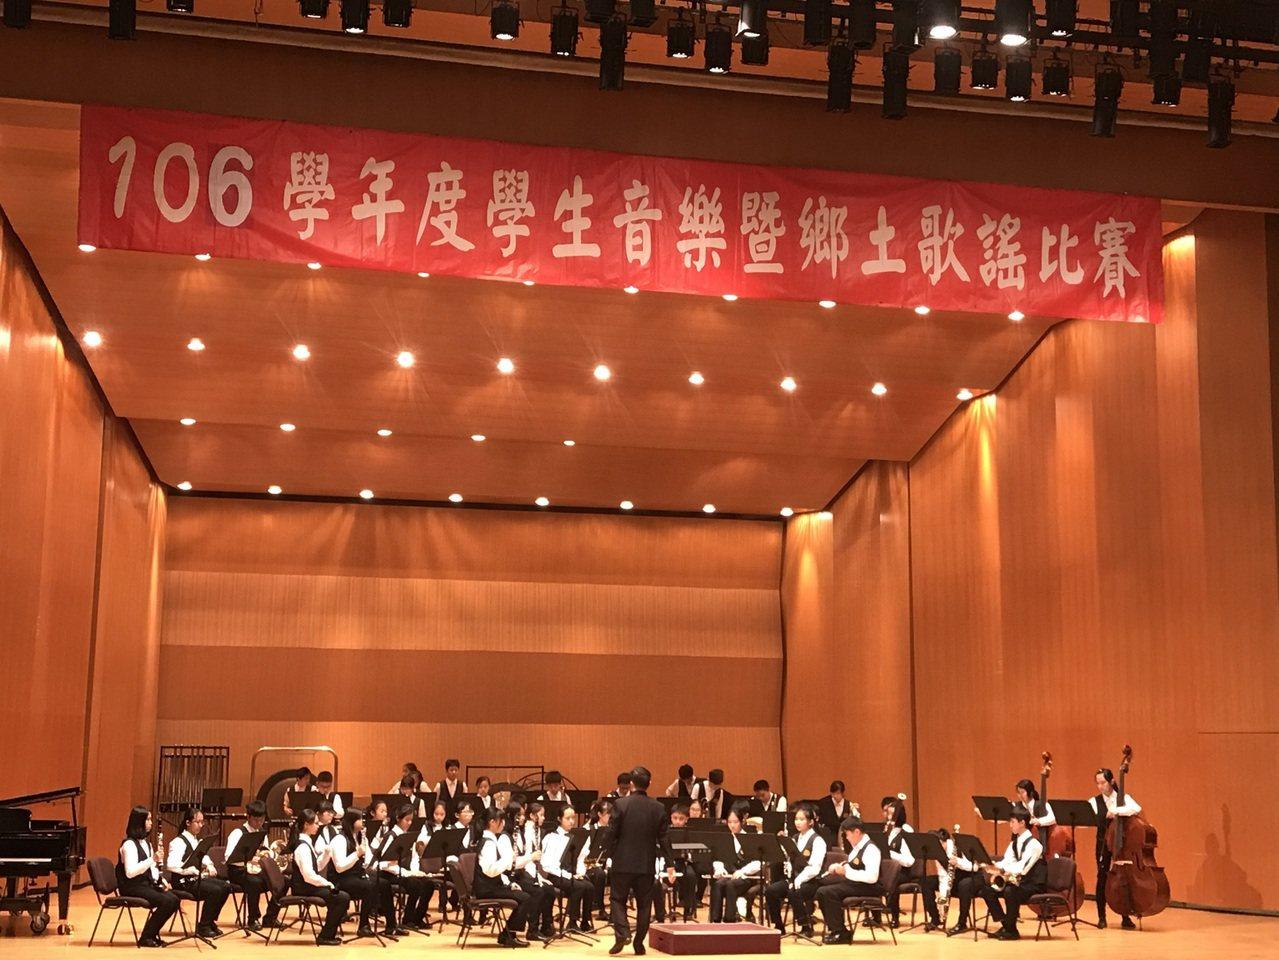 三民國中管樂合奏國中團體A組榮獲特優,進入全國賽。圖/新竹市府教育處提供